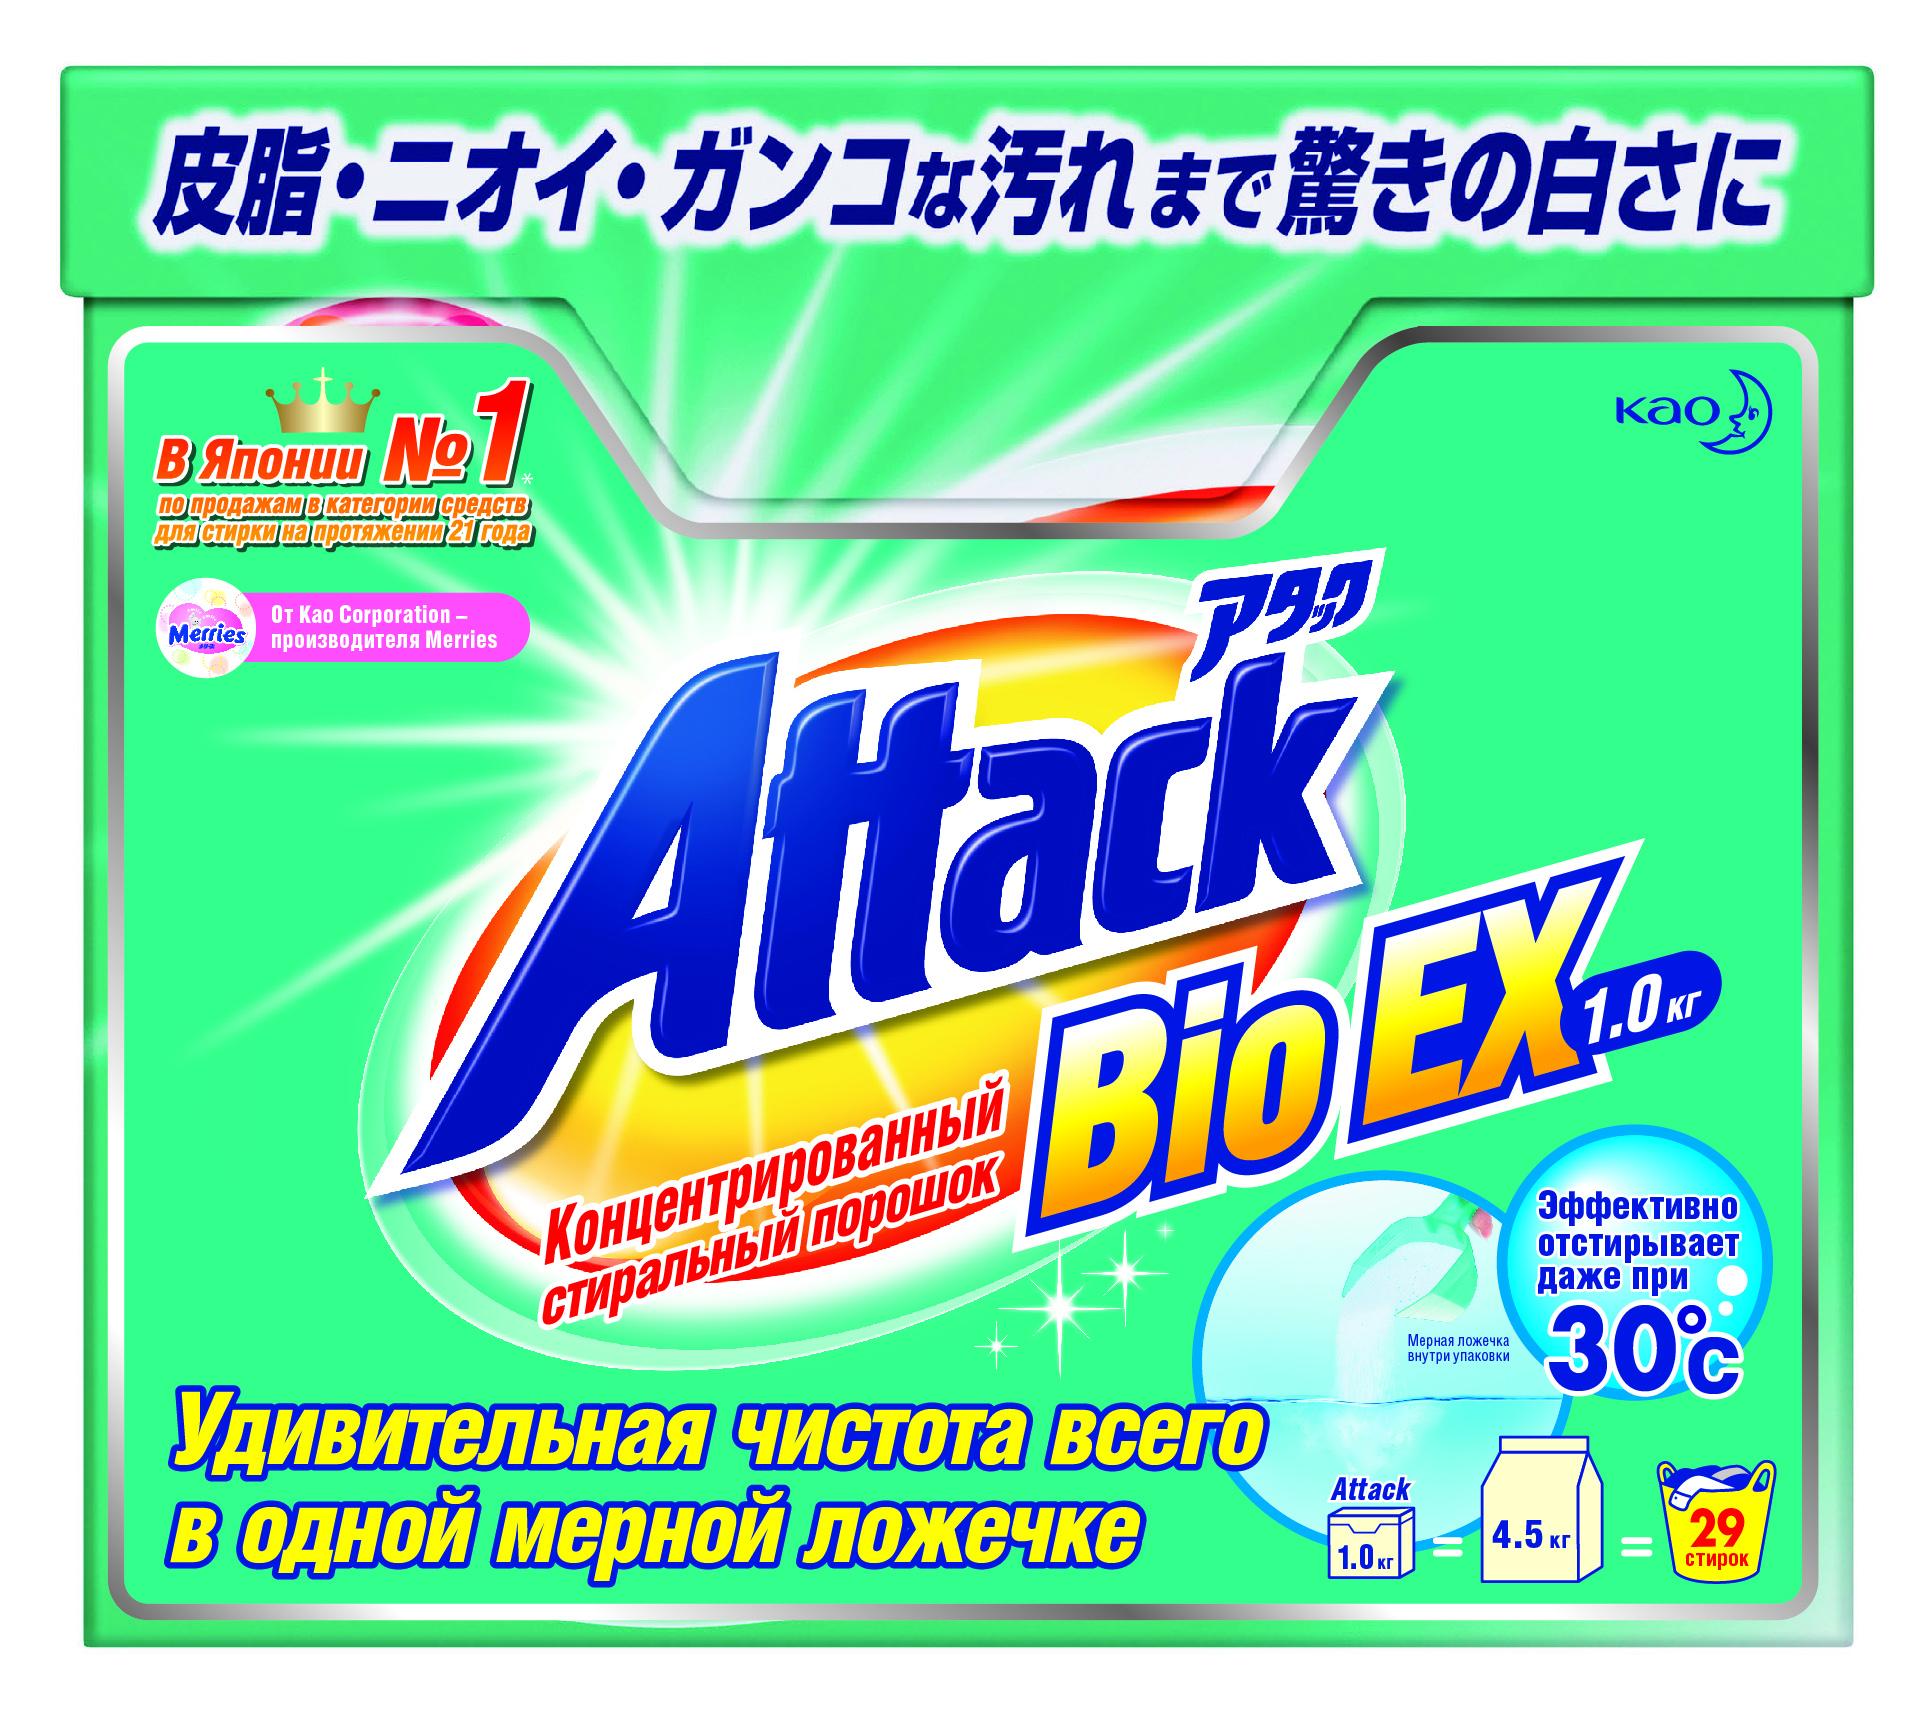 Стиральный порошок Attack BioEX, концентрированный, 1 кгGC204/30Концентрированный стиральный порошок Attack BioEX подходит для стирки белой и цветной одежды из хлопчатобумажной, льняной и синтетической ткани, не подходит для стирки шерсти и шелка. Благодаря гранулам, содержащим воздух, средство быстро растворяется в холодной воде и атакует грязь. Обладает нежным цветочным ароматом. Не содержит фосфатов и хлора.Рекомендуемая температура стирки 30-40°С. Подходит для ручной и машинной стирки. Состав: 15-30% цеолит, 5-15% анионоактивный ПАВ, неионогенный ПАВ, поликарбоксилат, менее 5% мыло, энзимы, отдушка, оптический отбеливатель.Товар сертифицирован.